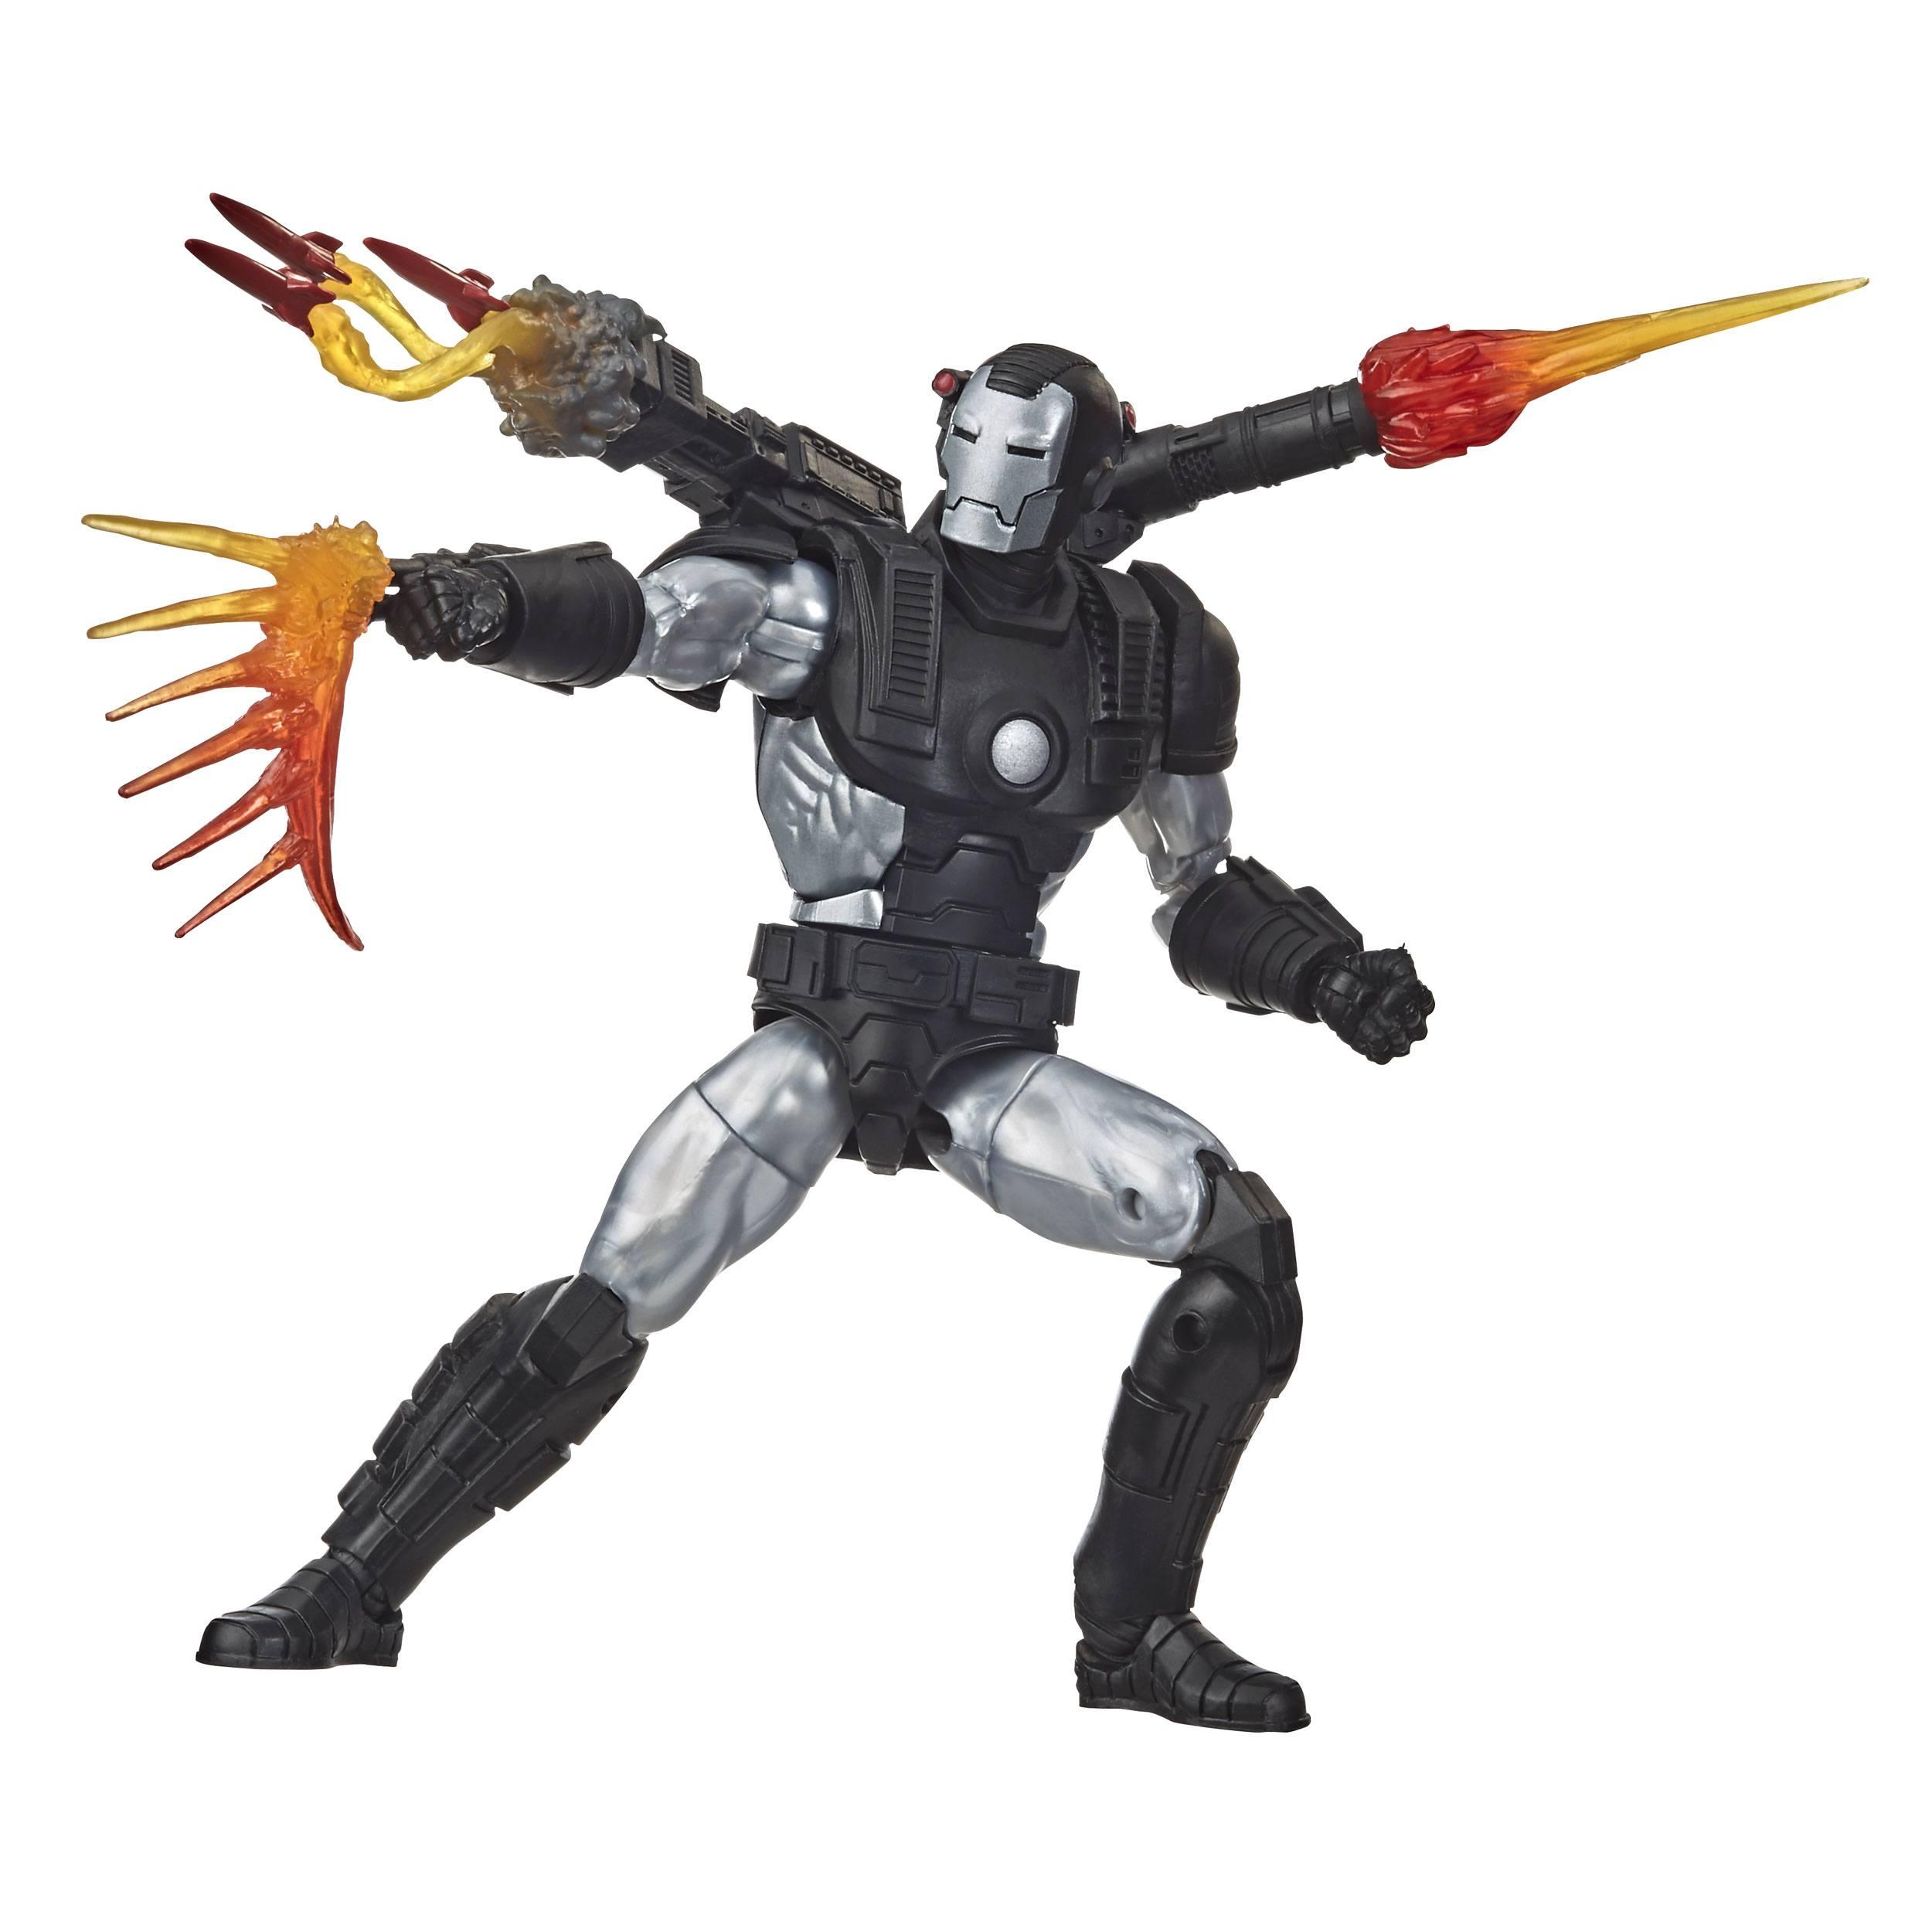 Marvel Legends Series Deluxe Action Figure: WAR MACHINE by Hasbro